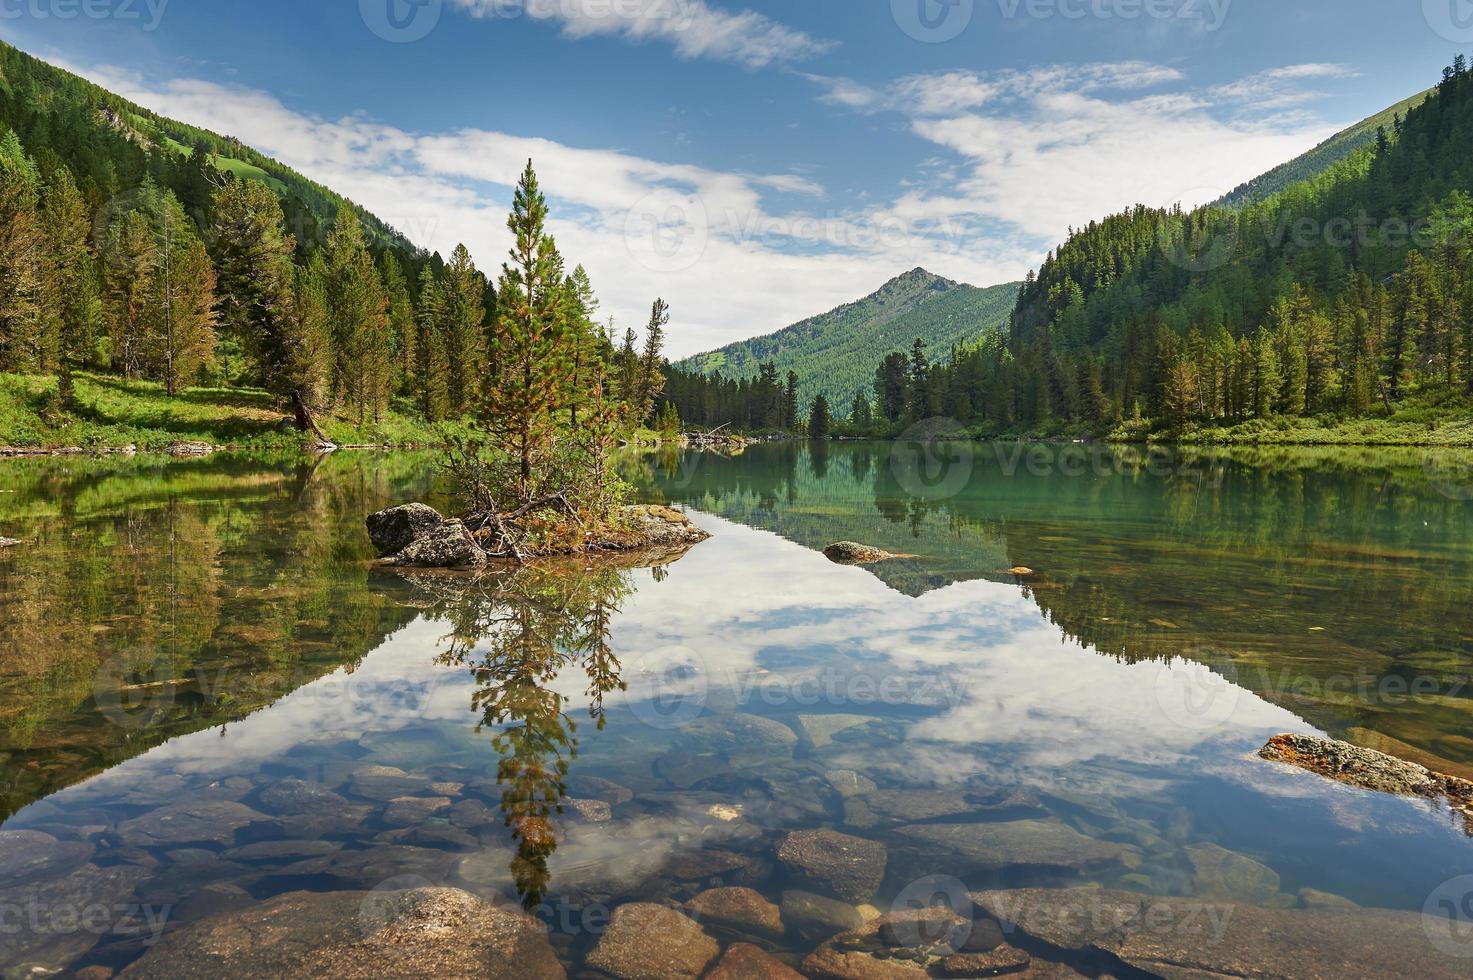 mooie zomerse landschap, Altai gebergte Rusland. foto